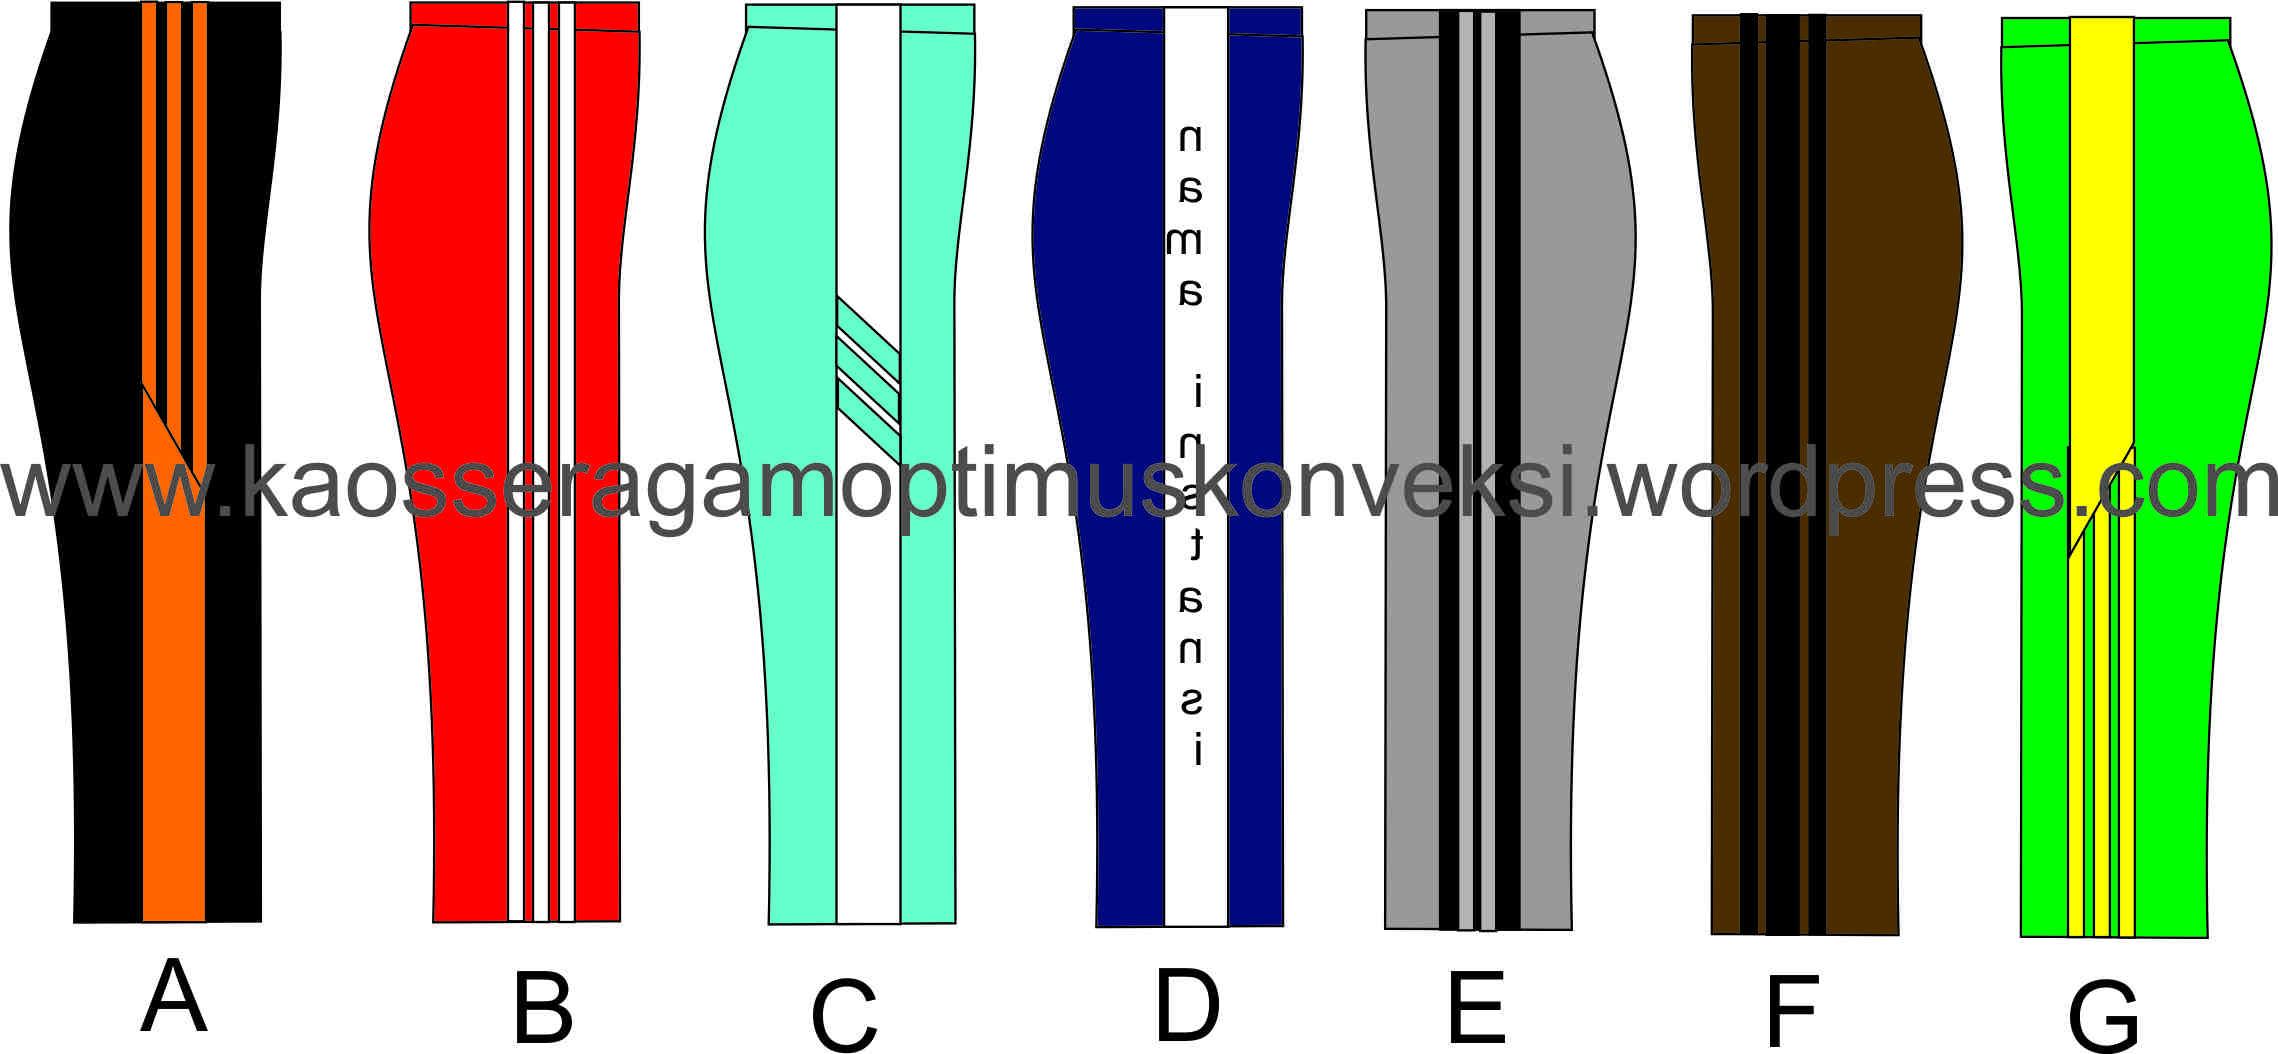 Desain Seragam Olahraga Konveksi Seragam Grosir Seragam Olahraga